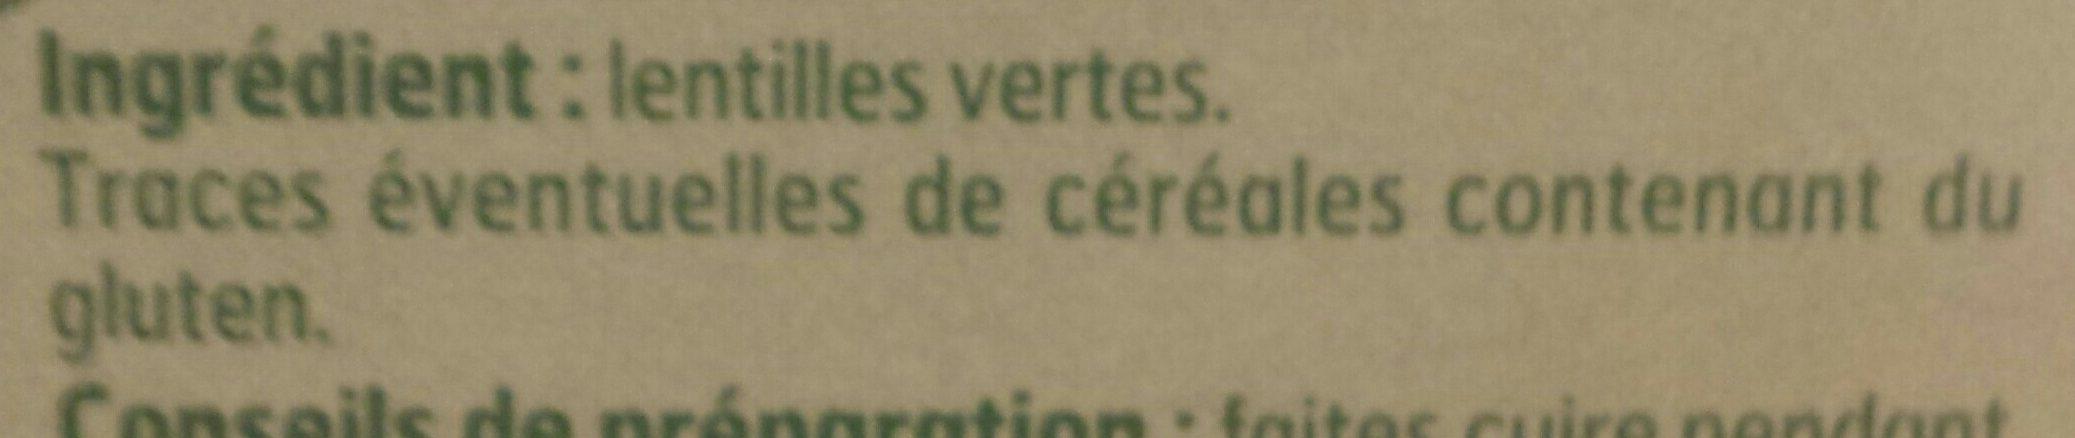 Lentilles vertes de France - Ingredients